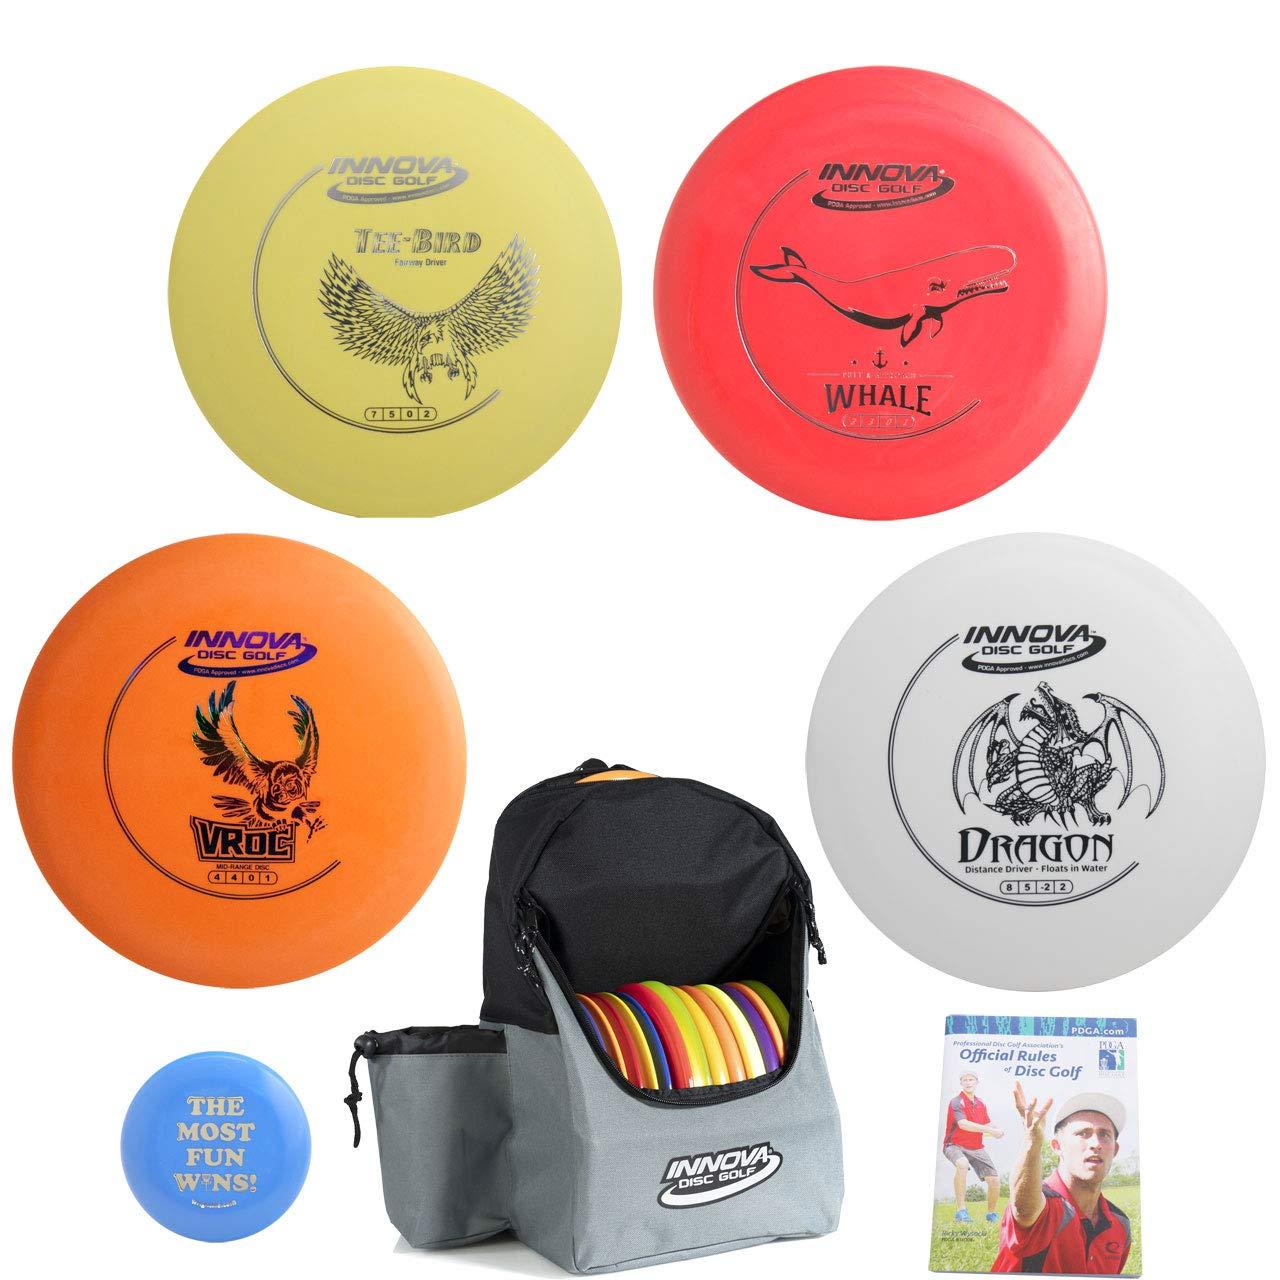 【新作からSALEアイテム等お得な商品満載】 Innova Disc Golf コンプリートギフトセット - ディスカバ―バックパックバッグ -、ドライバー2人 Golf (フローラーター1個) Innova、ミッドレンジ、パター+ミニマーカーディスク&ルール (7点、色は異なる場合があります) Bag: Blue/ Gray B07JP5HC28, ゴウドチョウ:e778ea0f --- arianechie.dominiotemporario.com